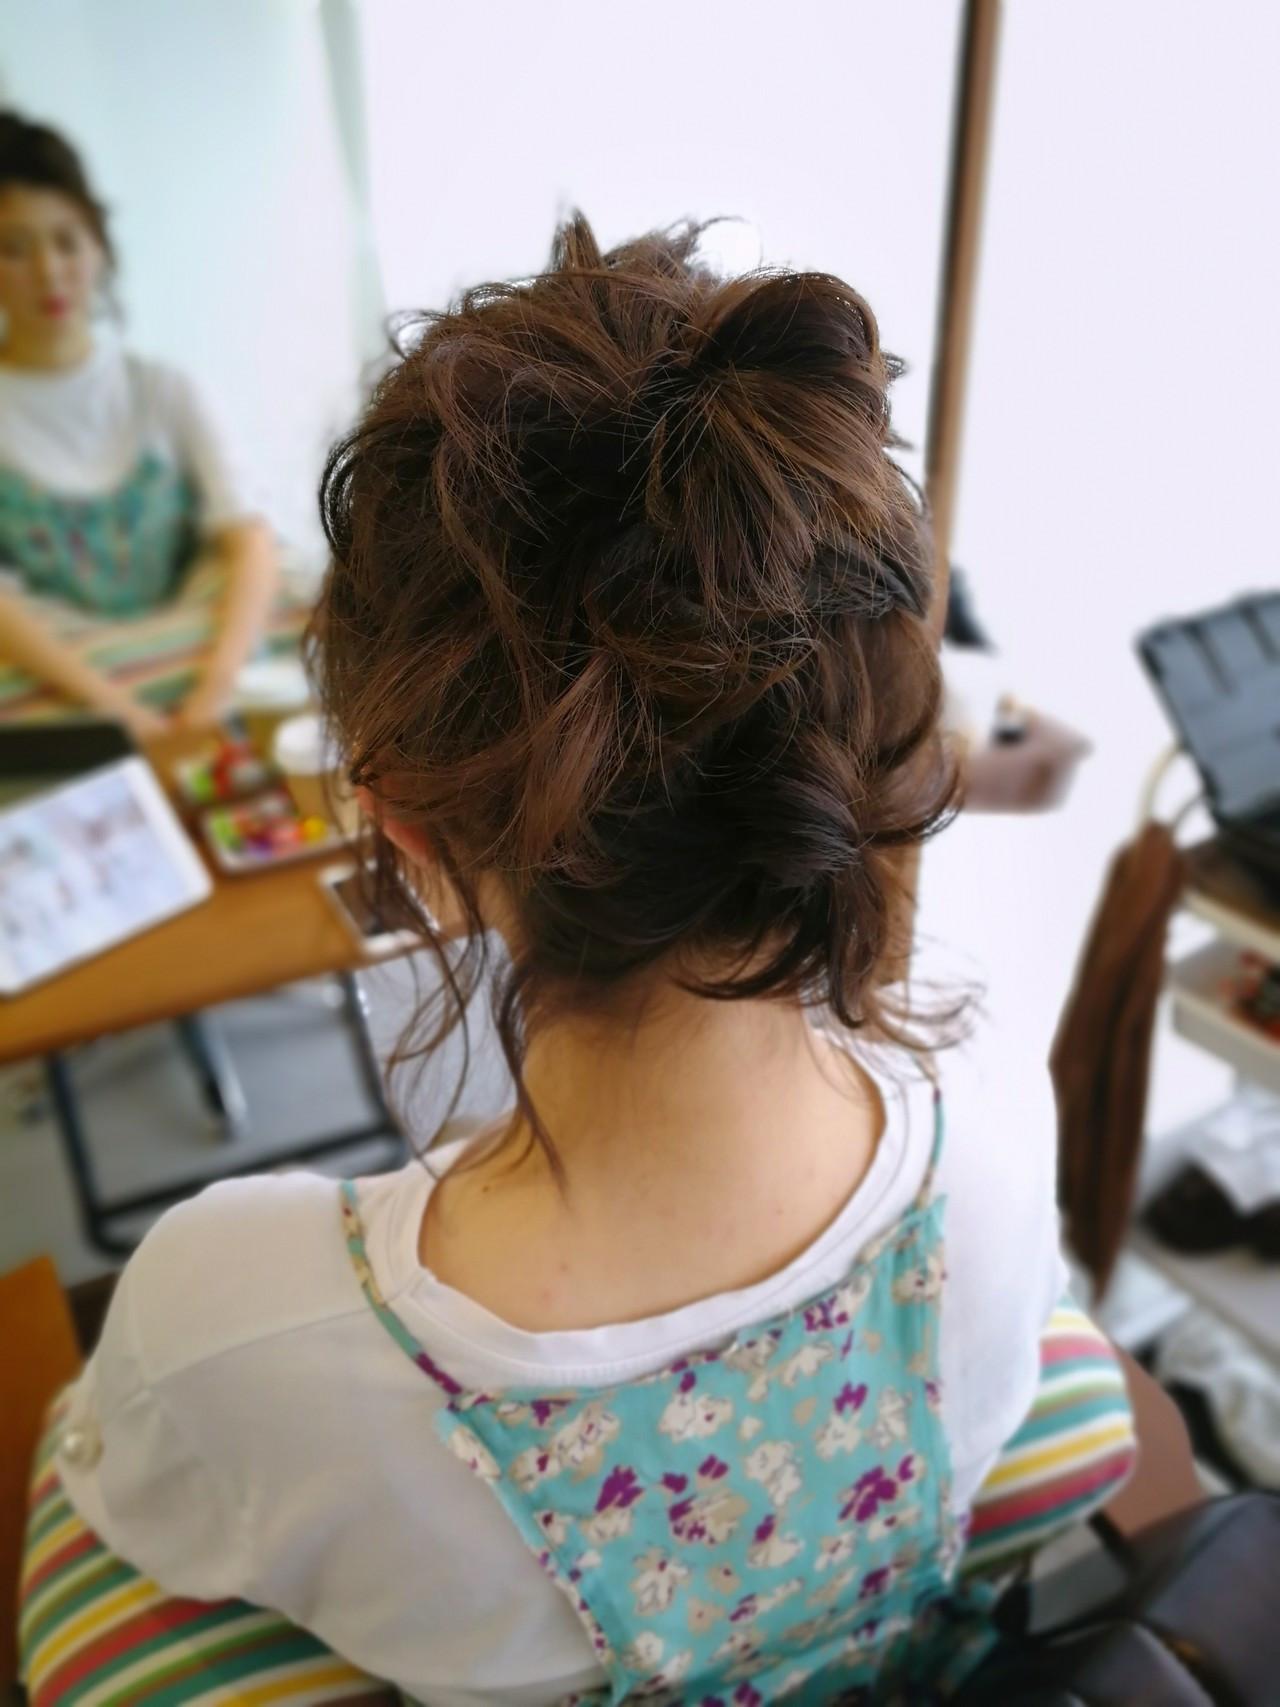 ガーリー ヘアアレンジ  ボブ ヘアスタイルや髪型の写真・画像